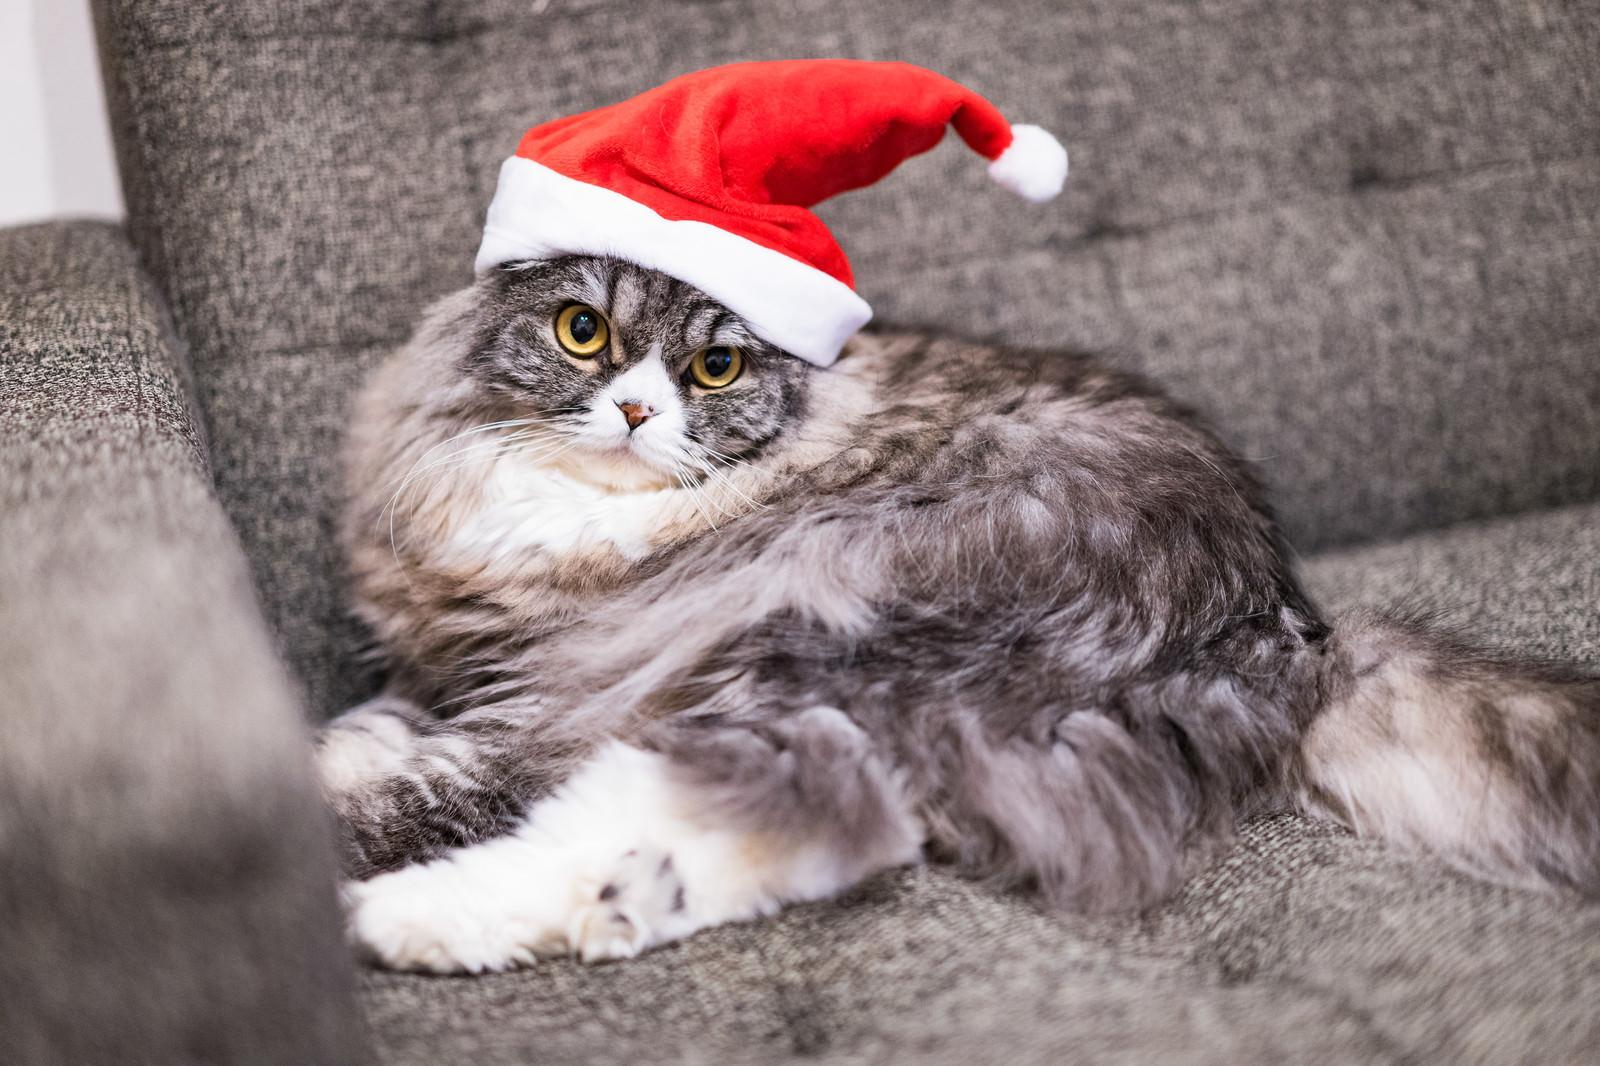 「サンタ帽をかぶった猫」の写真